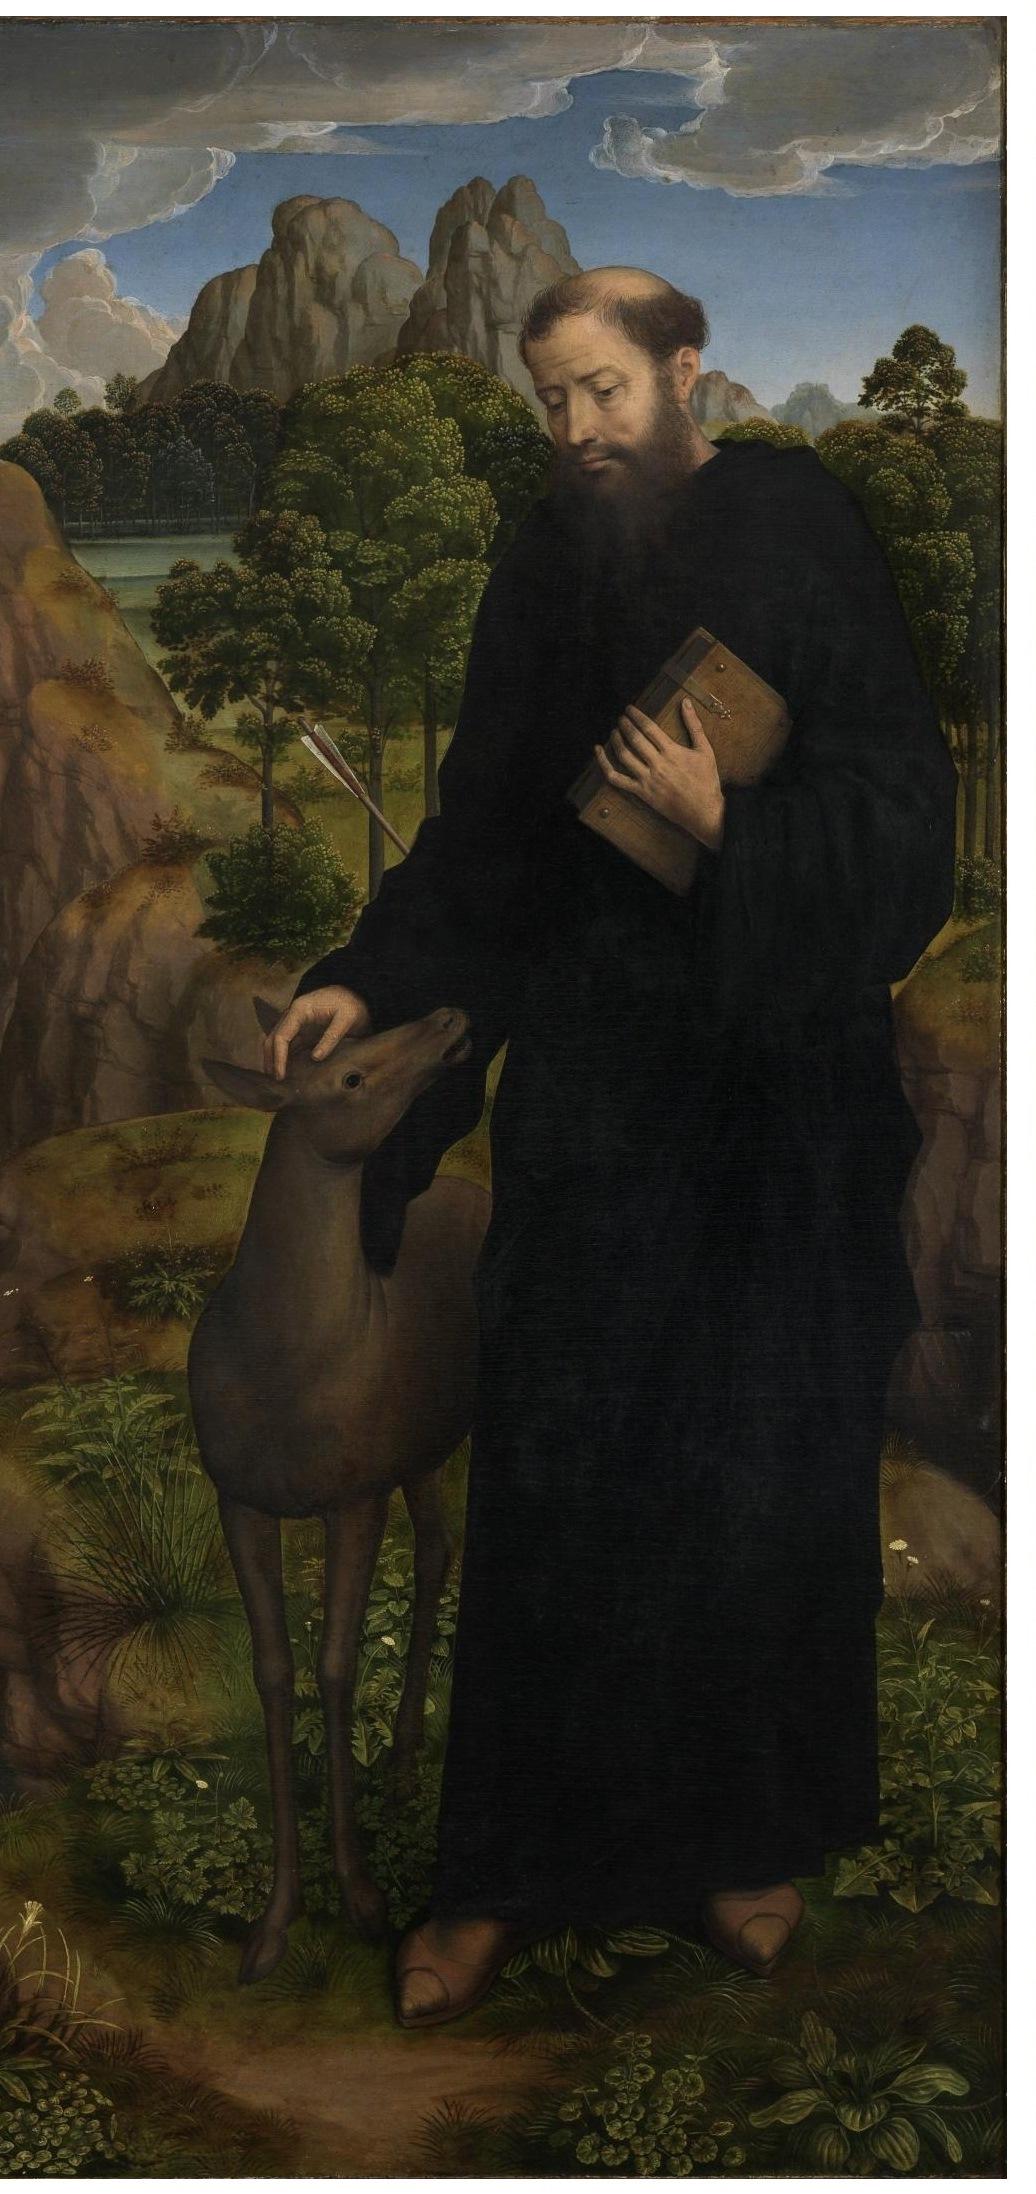 Hans Memling, Aegidius, Detail des Moreel-Tryptichons, 1484, Groeningemuseum, Brügge